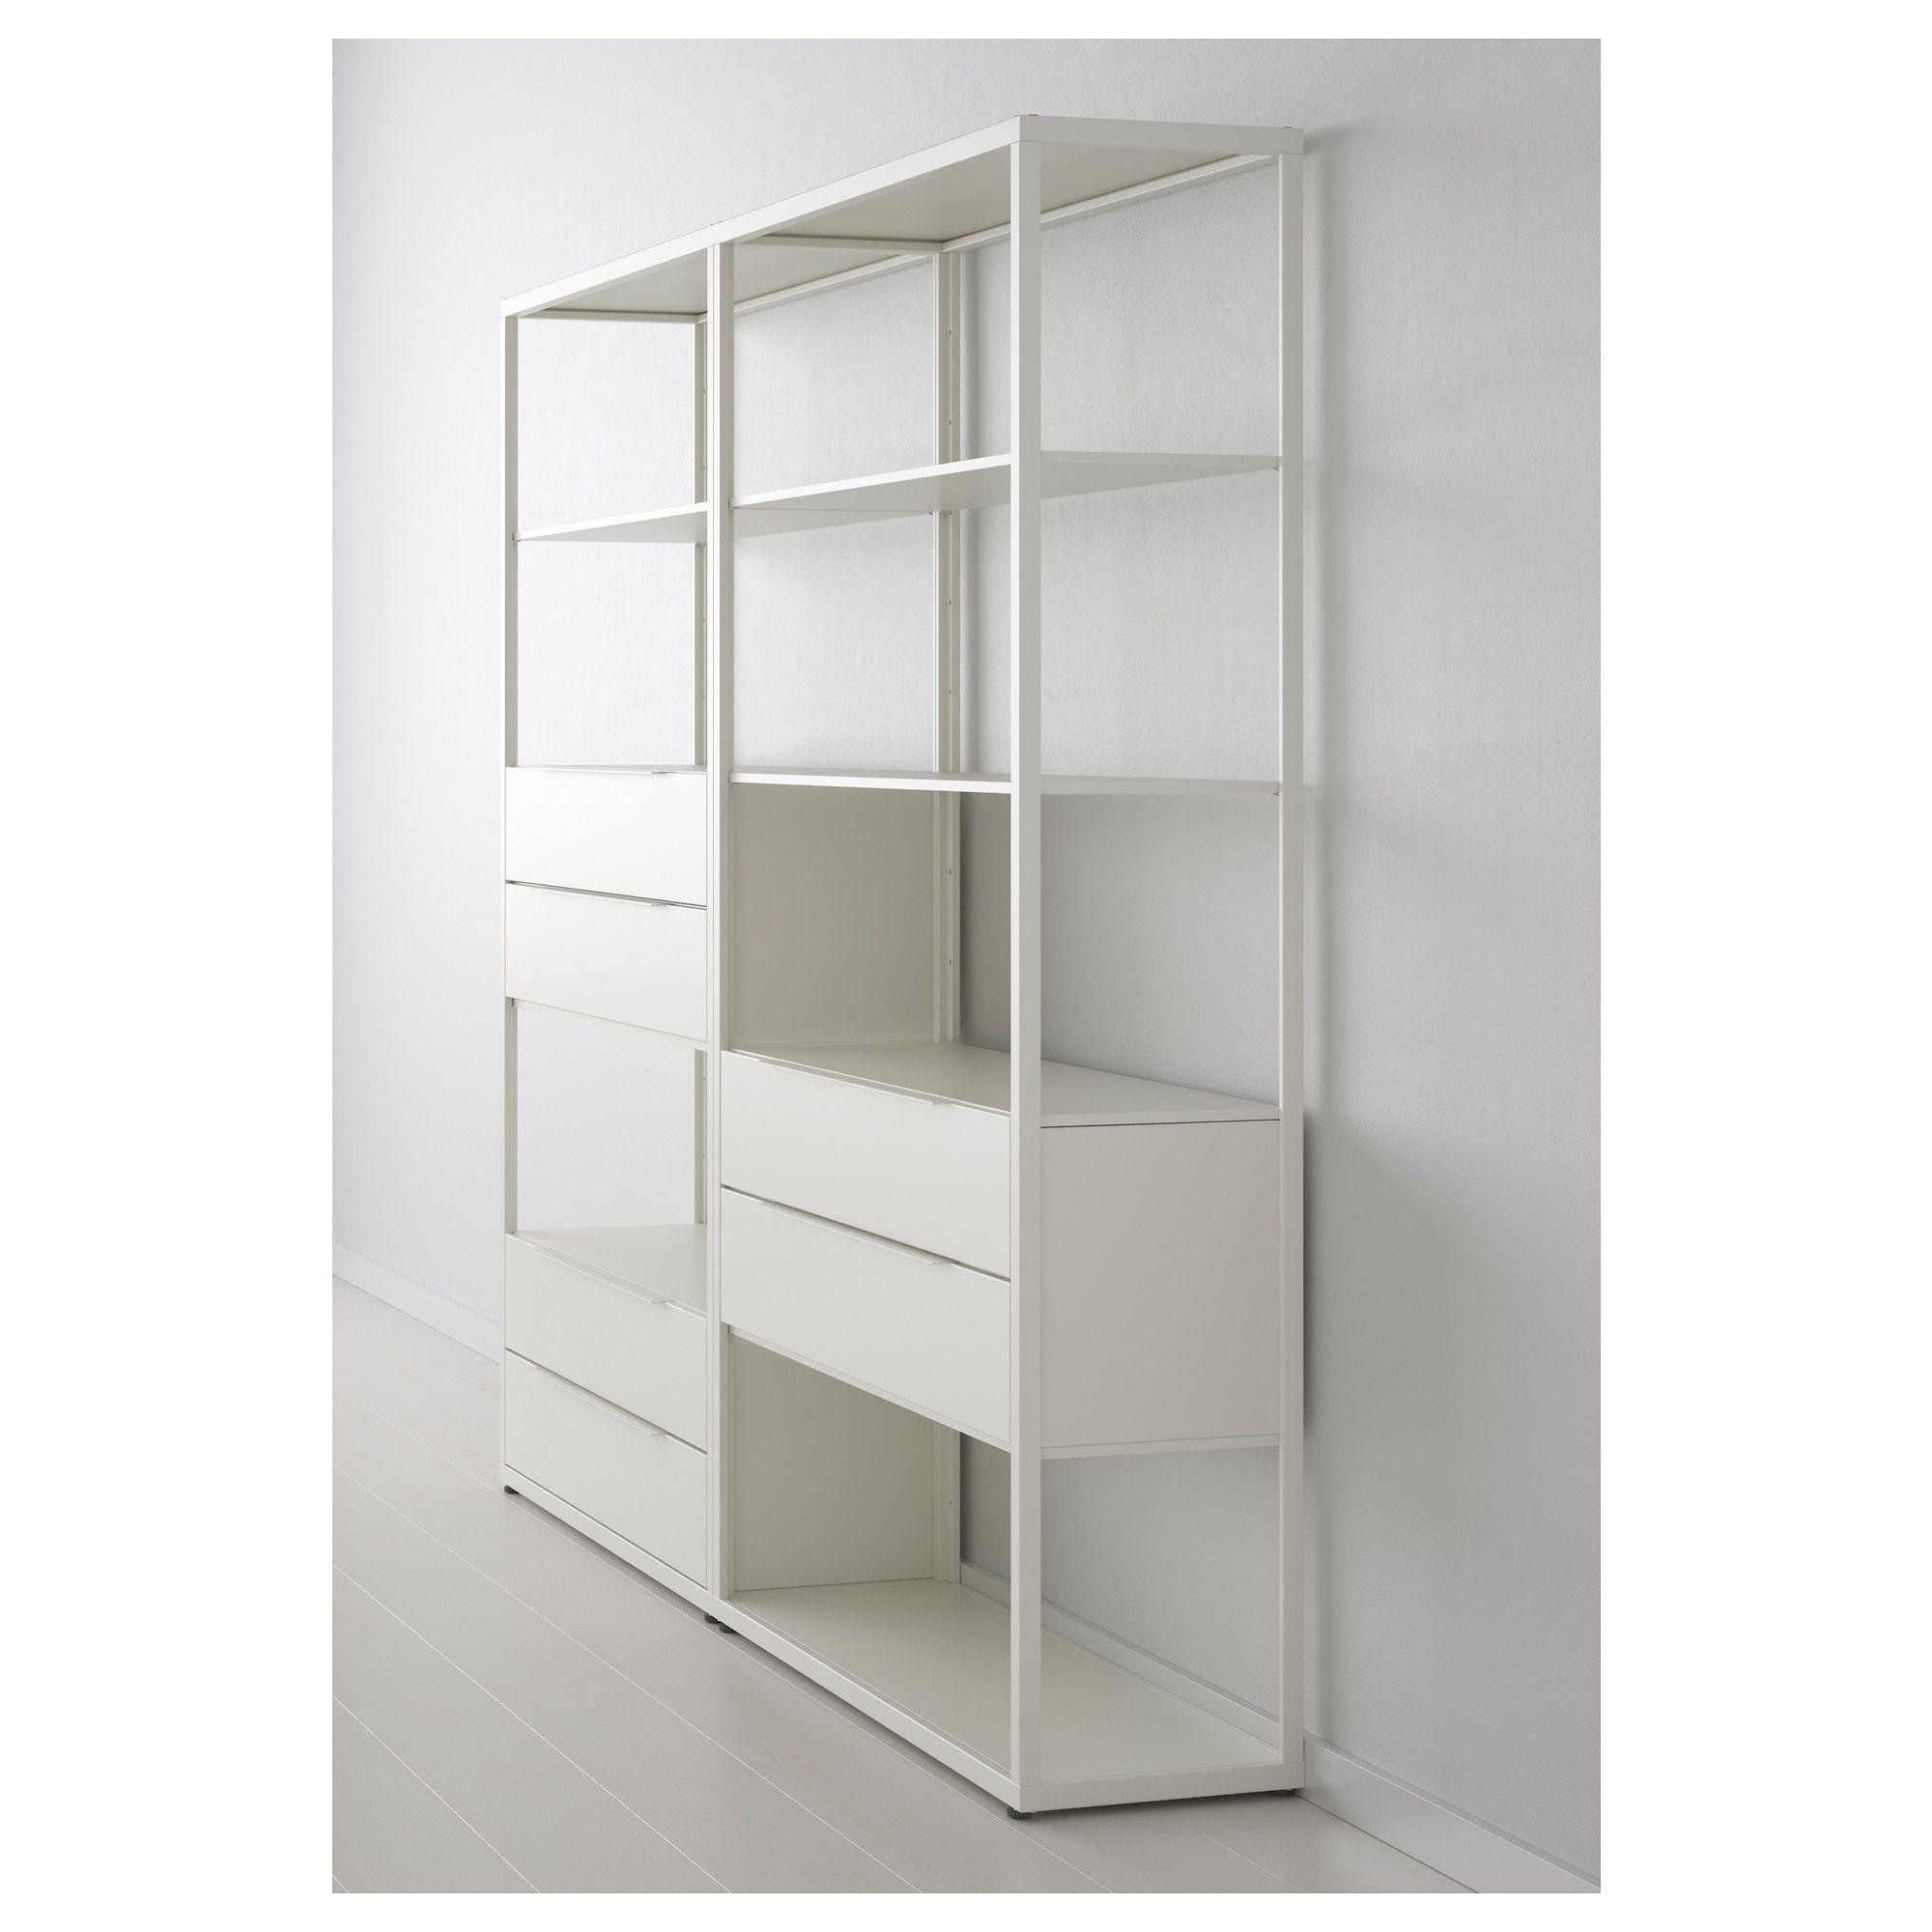 """FJ""""LKINGE Shelf unit with drawers white"""